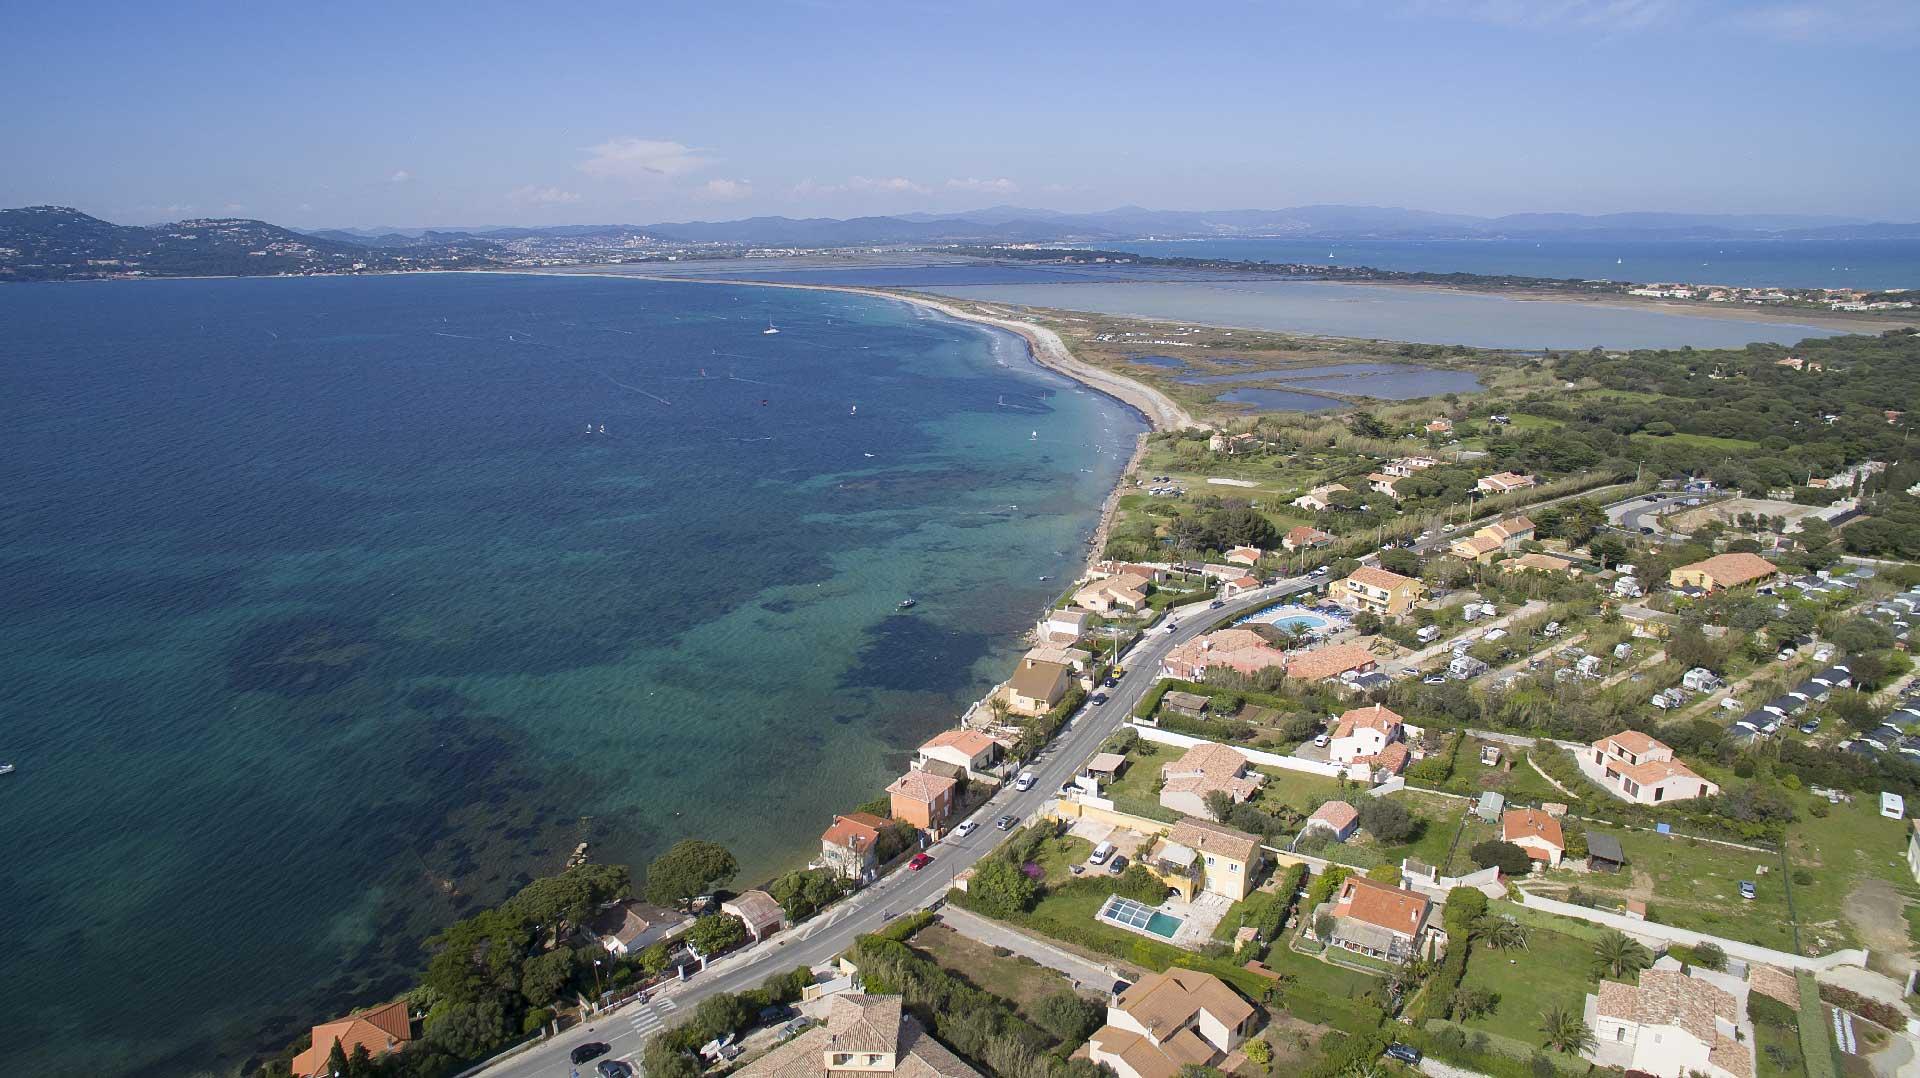 Réalisation de photos aériennes professionnelles par Aveyron Drone